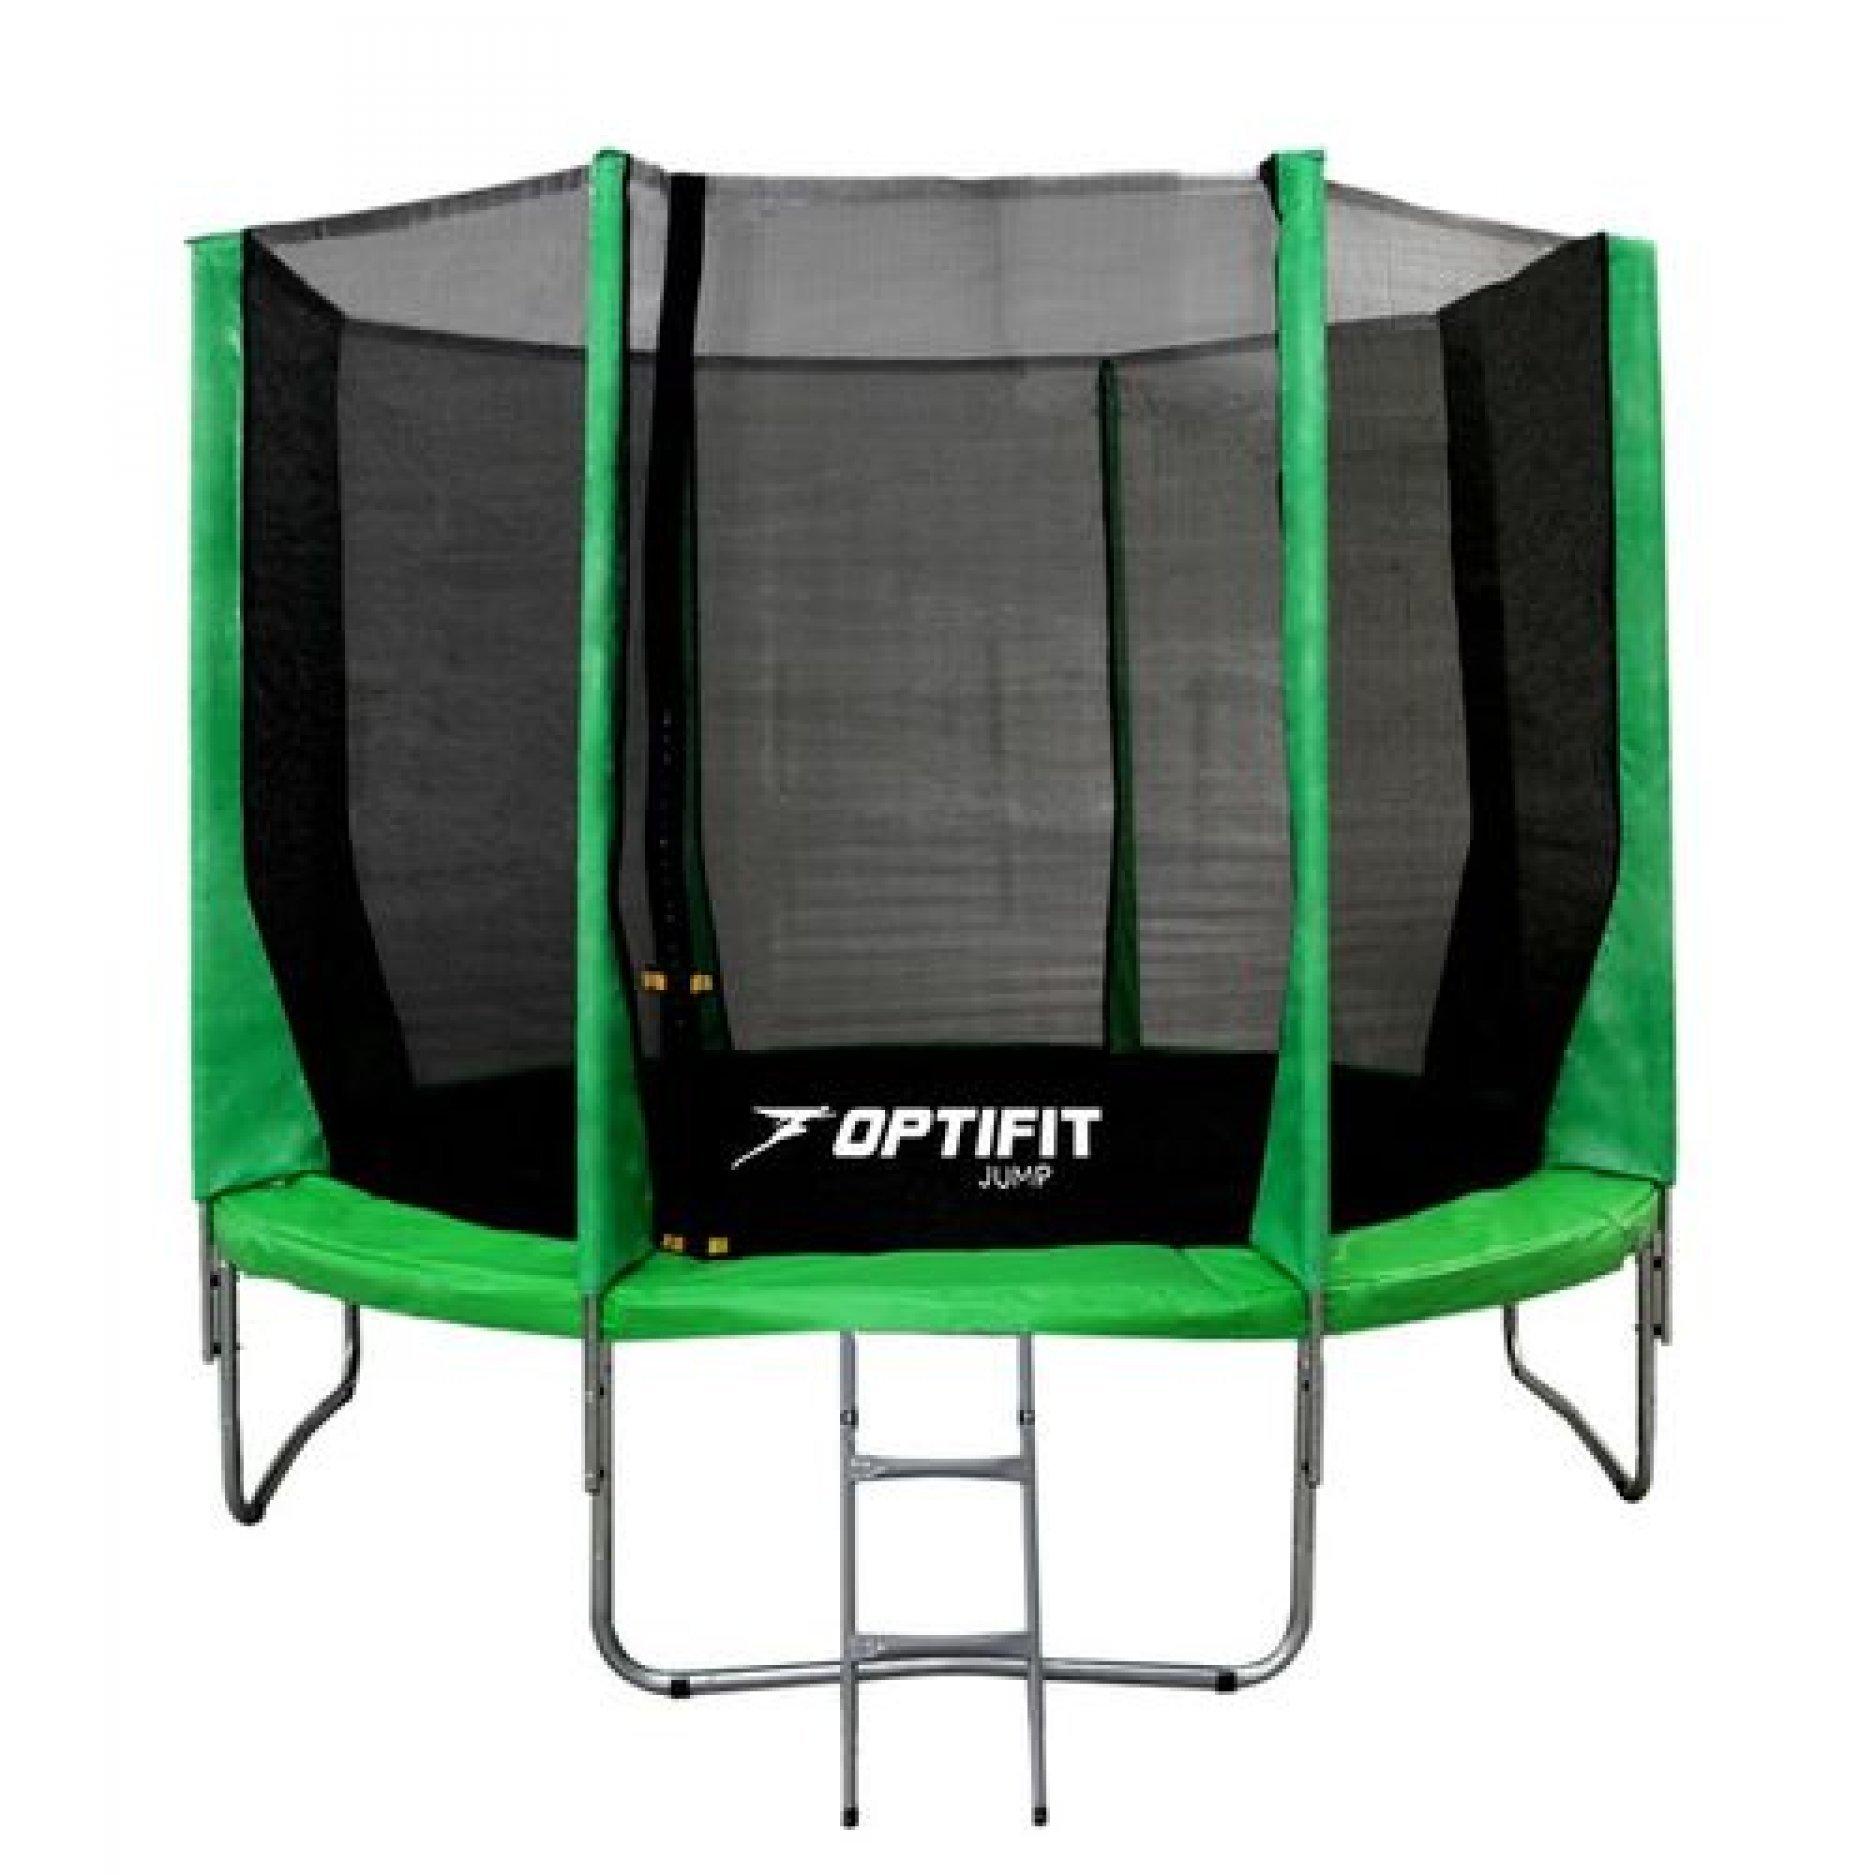 Батут OPTIFIT JUMP 16FT зеленый